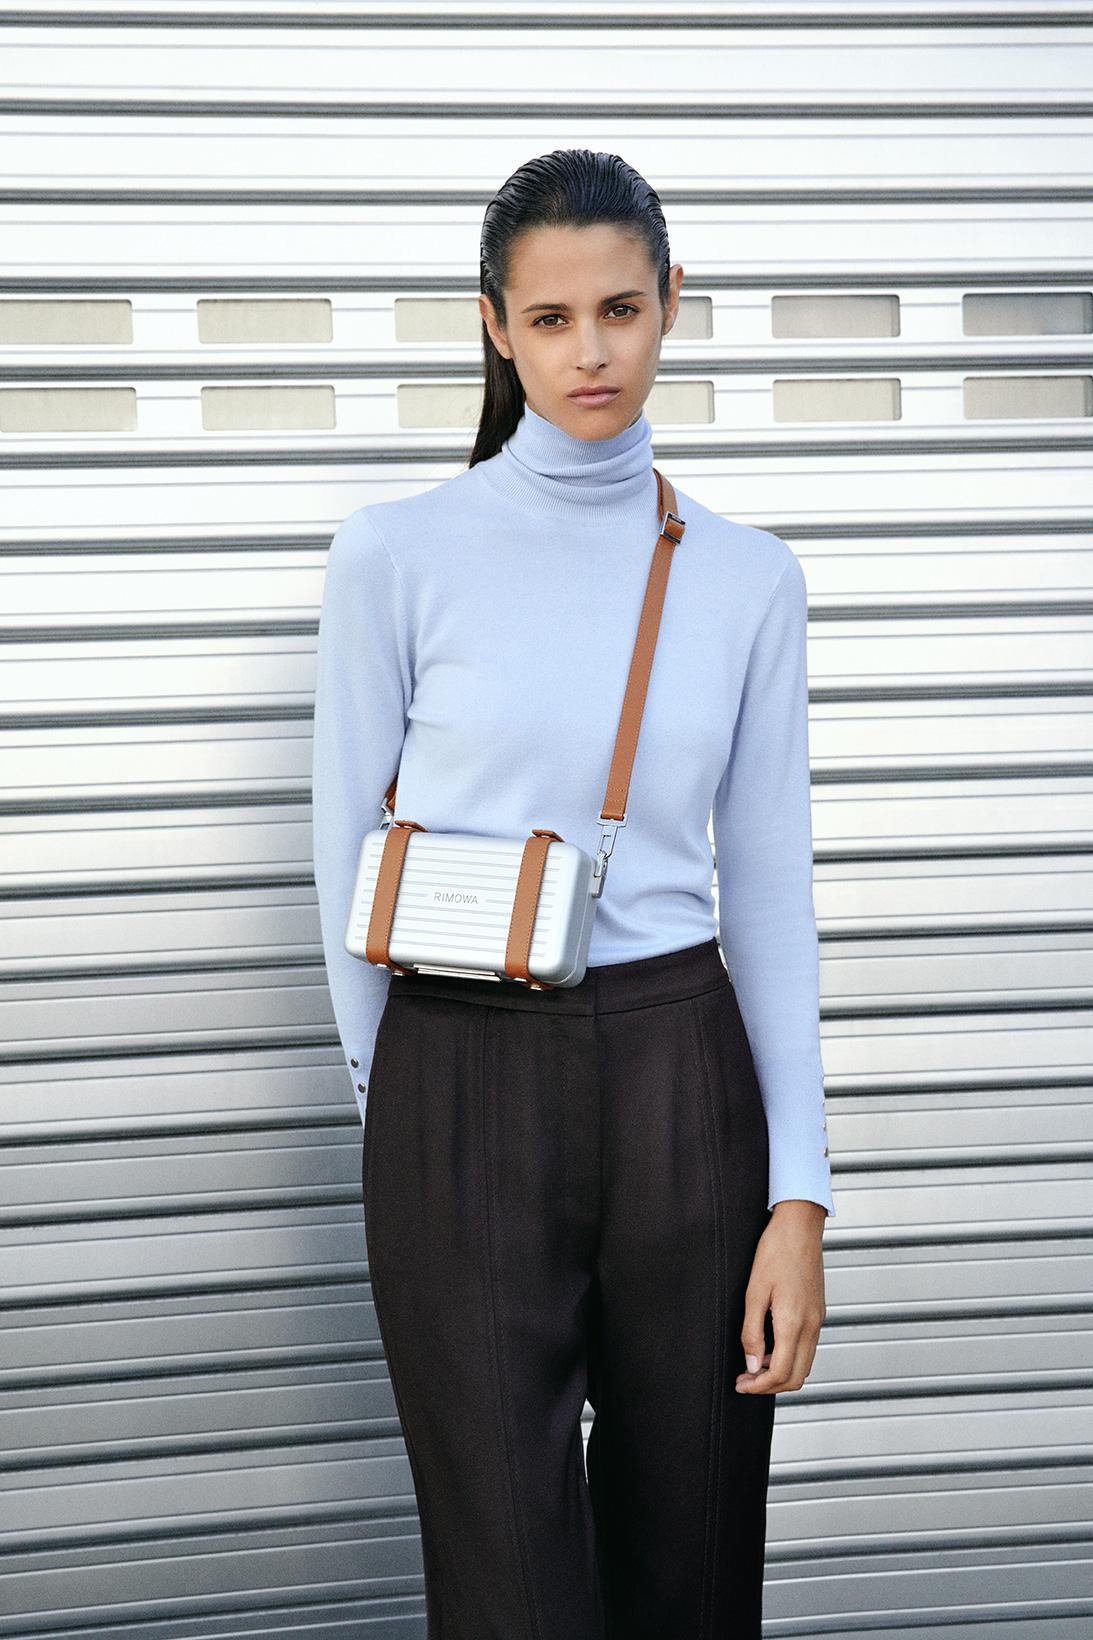 Rimowa выпустил новые унисекс-модели сумок (фото 4)